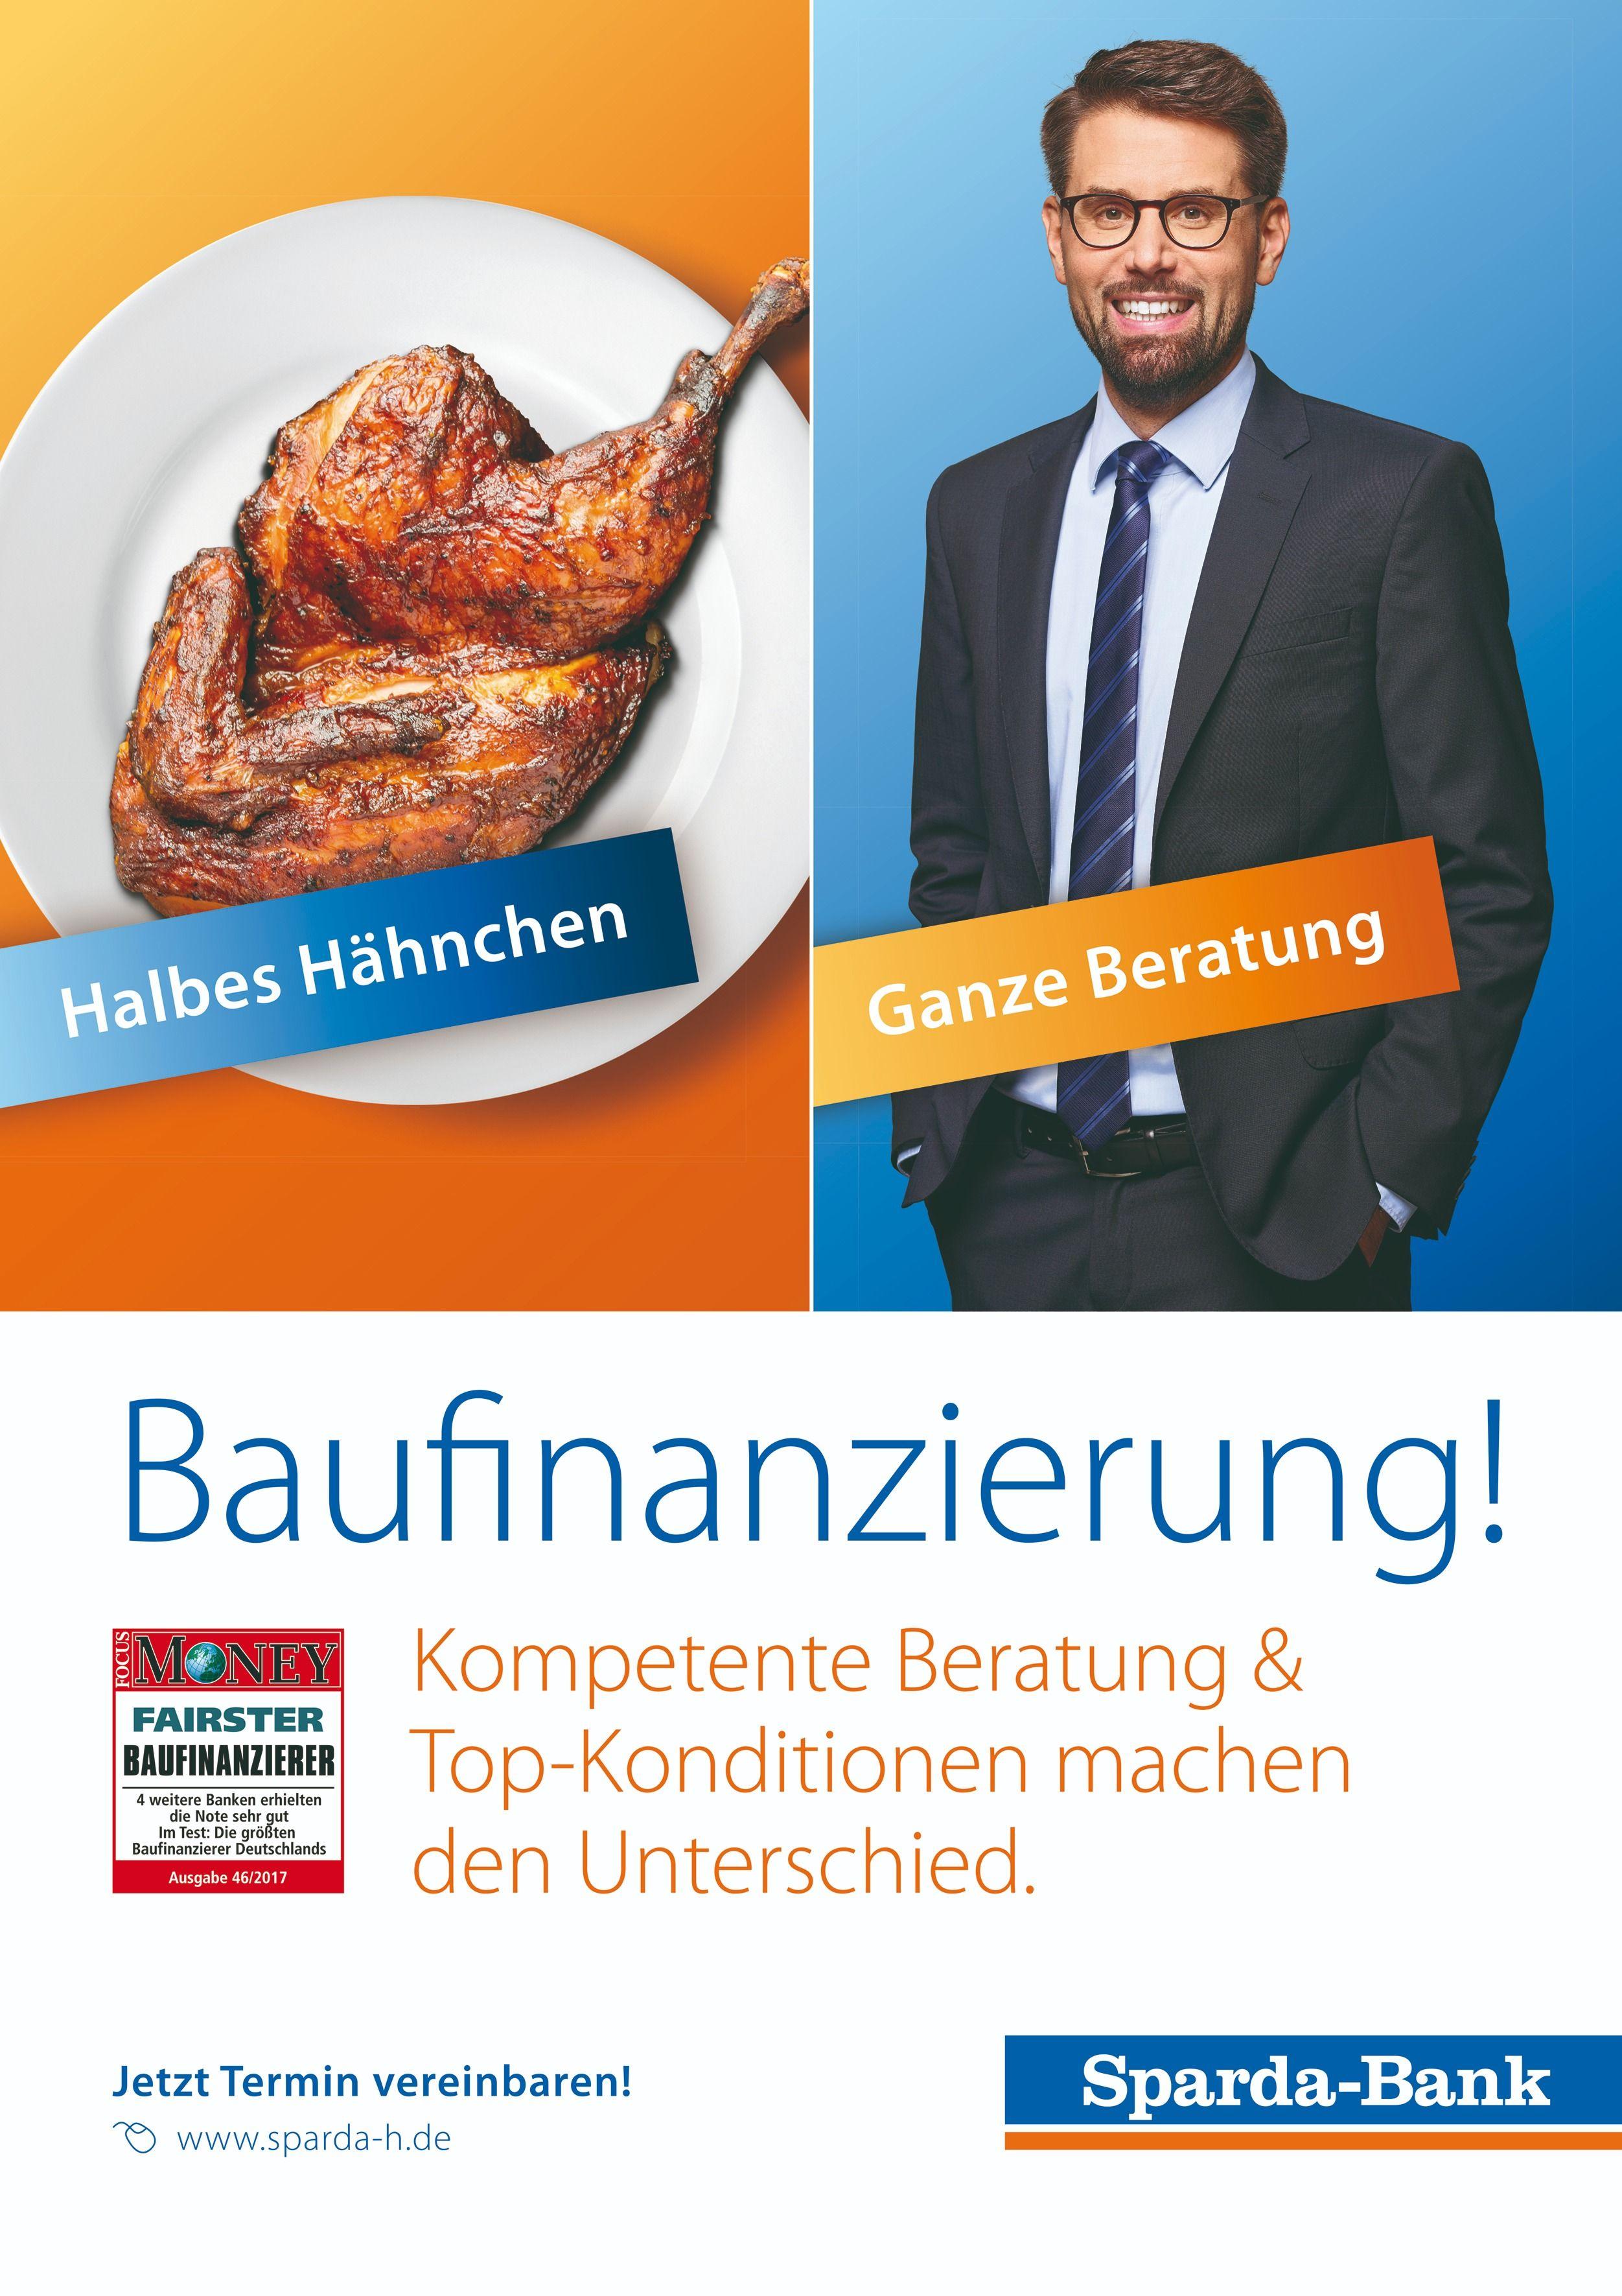 Fur Die Sparda Bank Hannover Stellten Ungewohnliche Vergleiche Den Schlussel Dar Um Aufmerksamkeit Auf Ihr Baufi Online Marketing Hannover Digitales Marketing